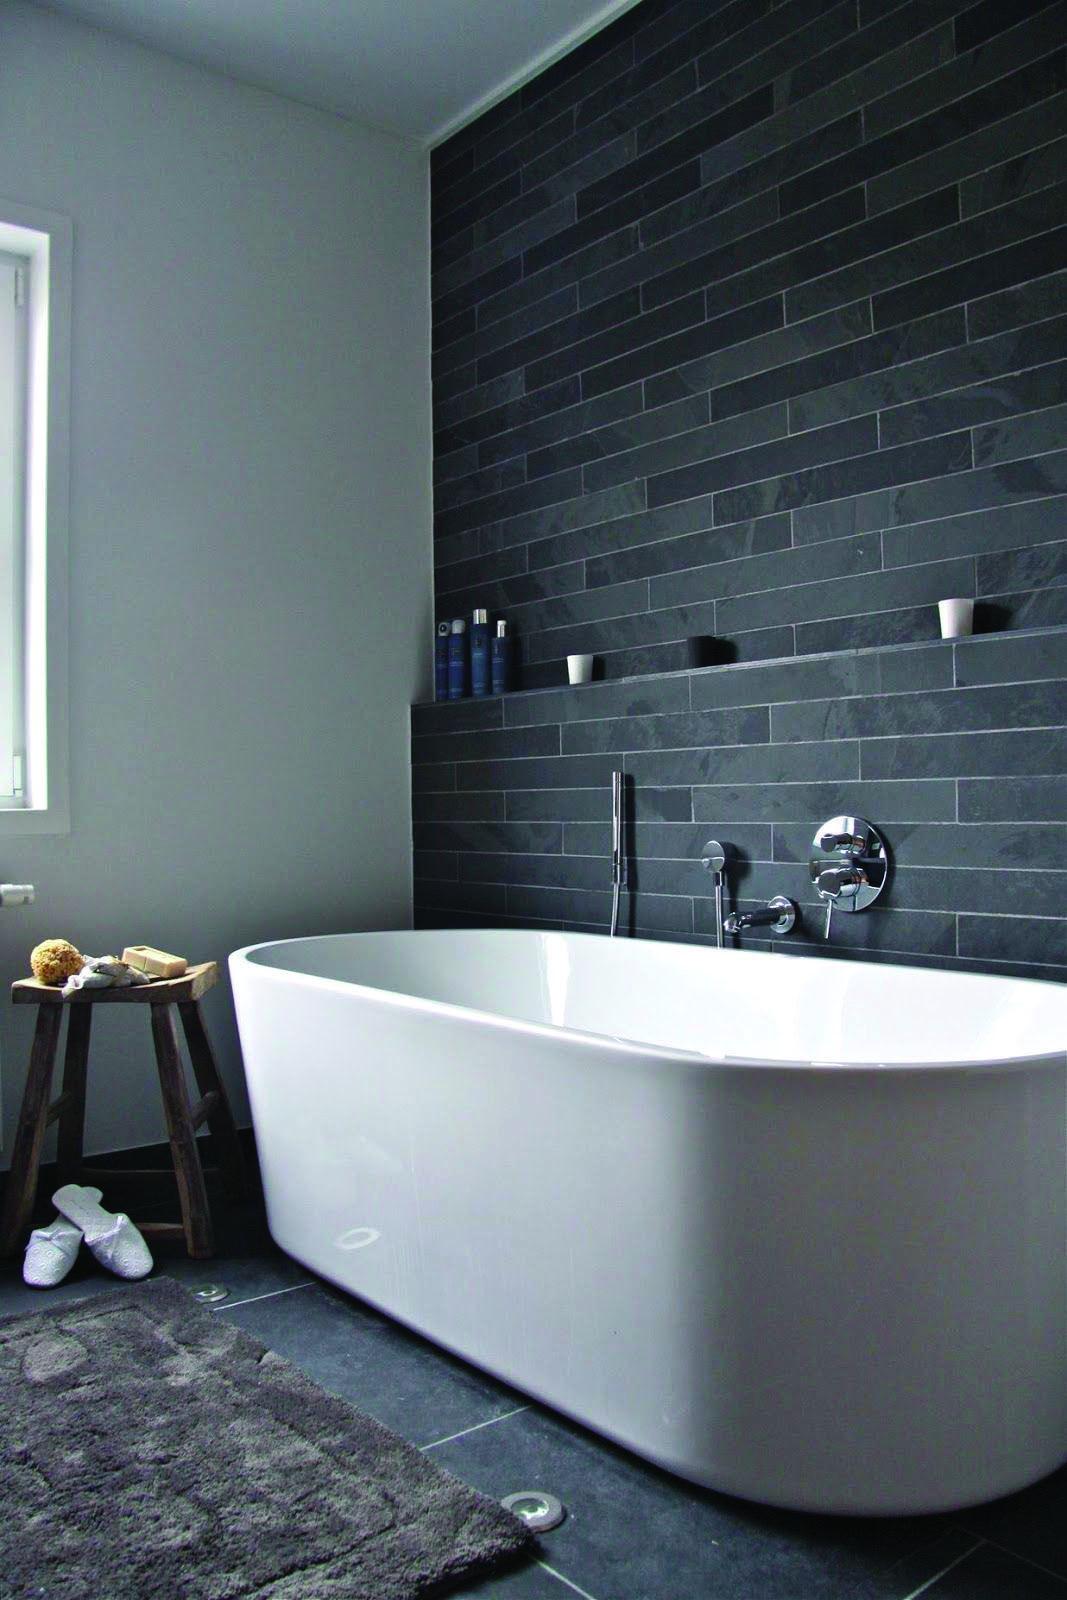 Restroom Ceramic Tile Design Suggestions Beautiful Bathroom Renovations Bathroom Renovations Bathrooms Remodel